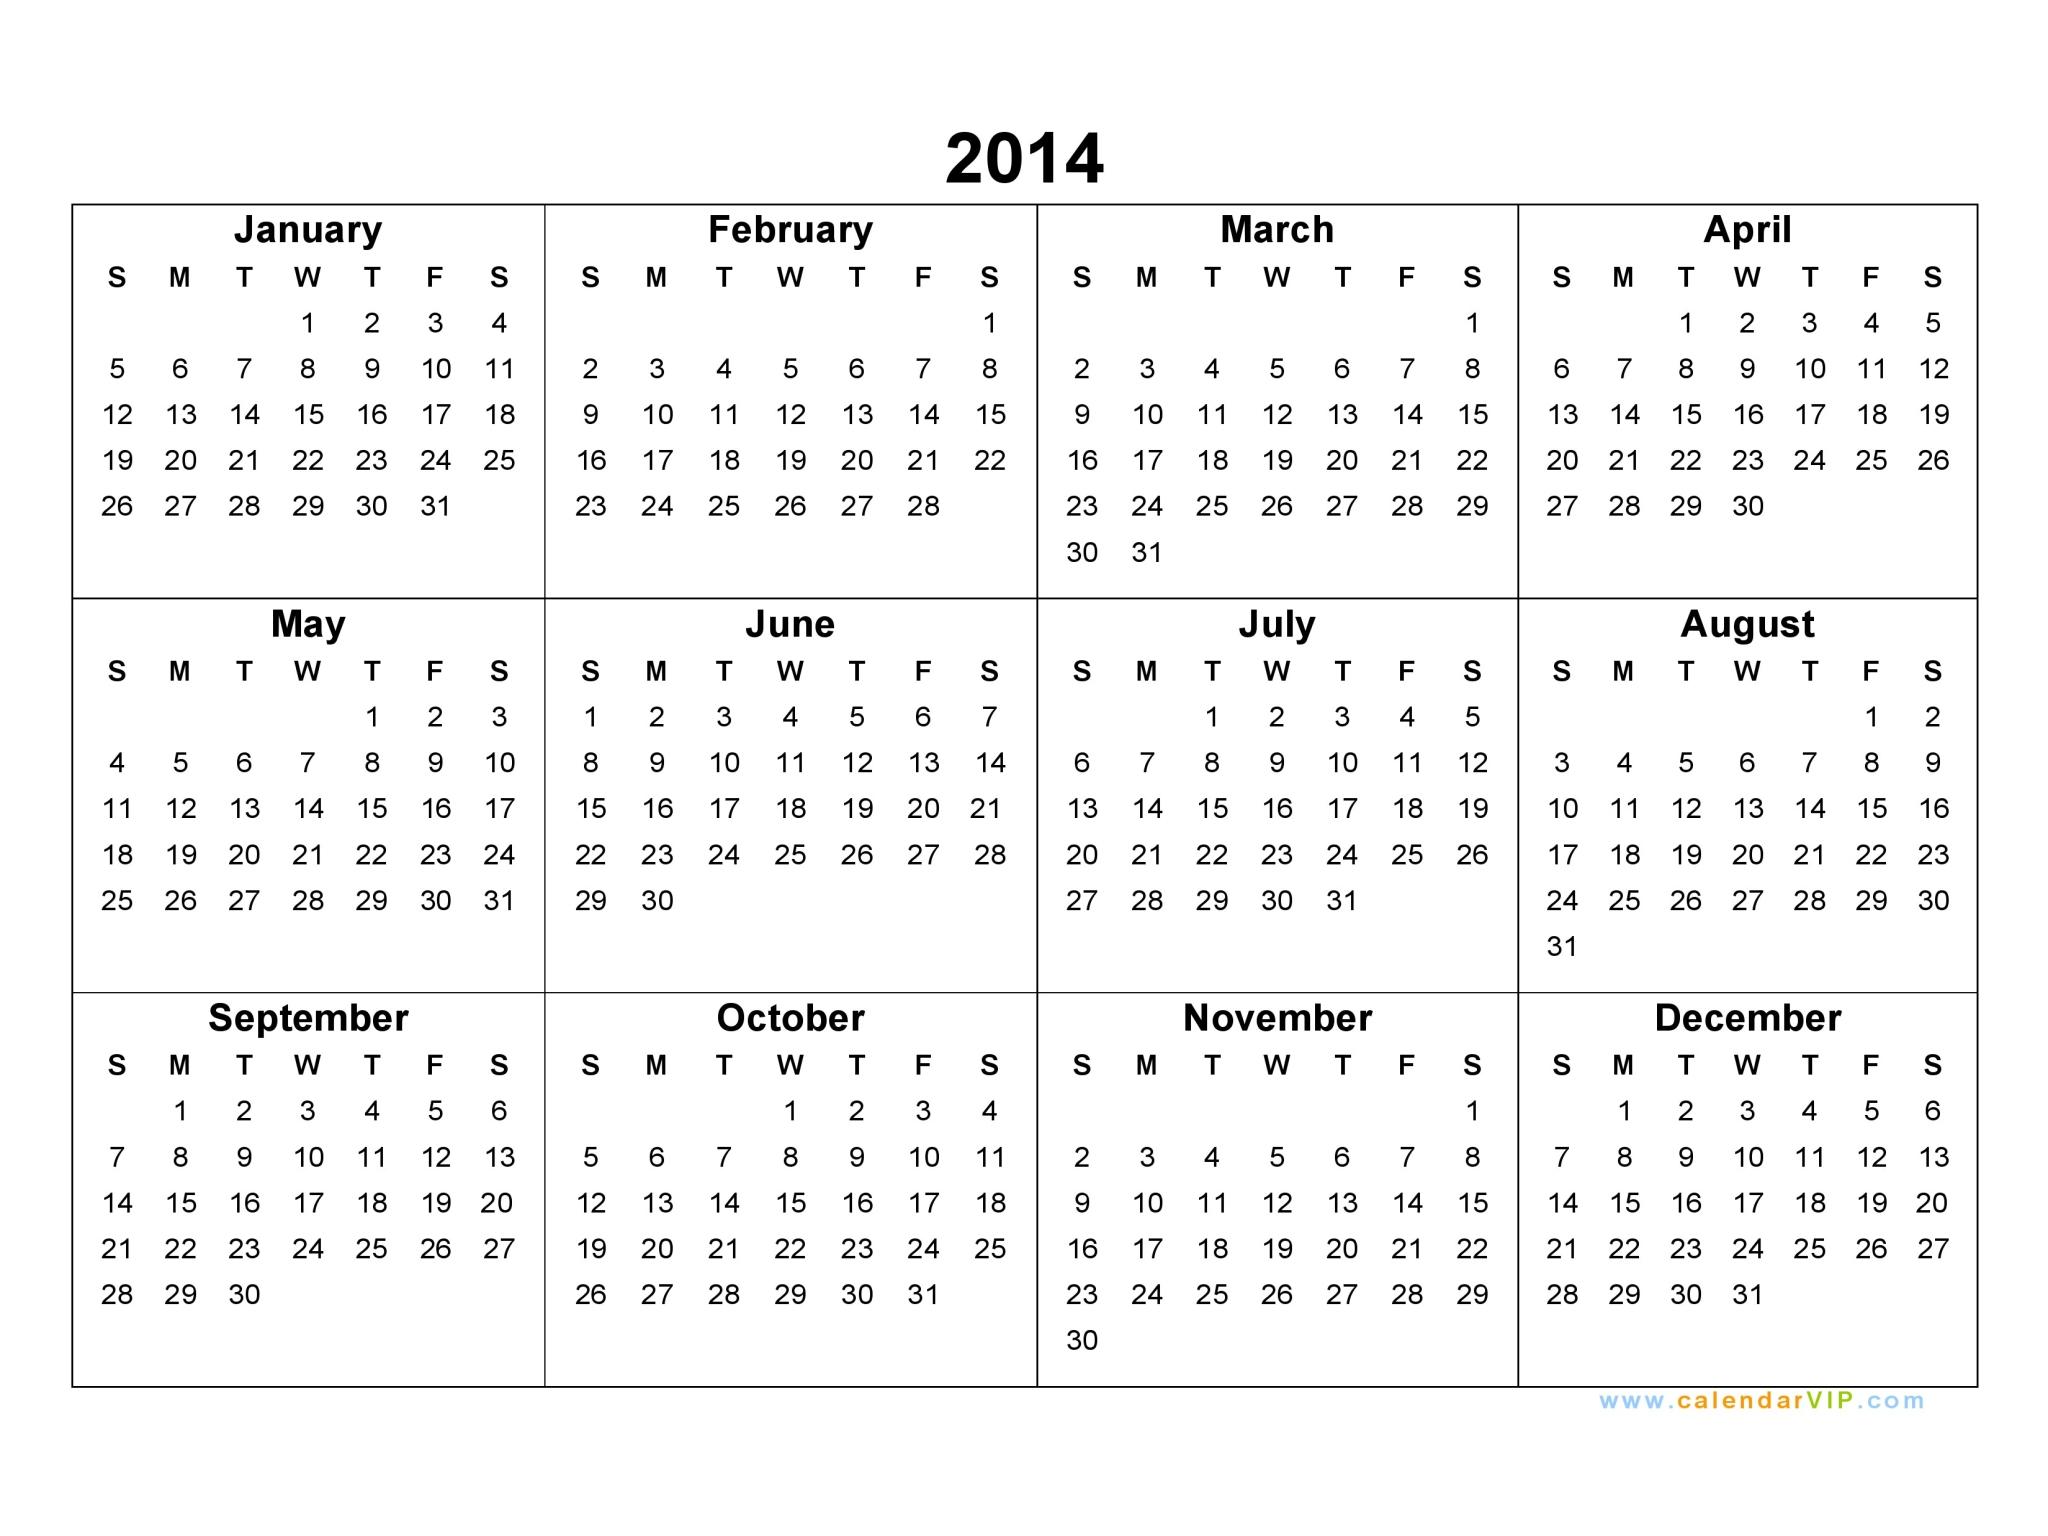 2014 Calendar - Blank Printable Calendar Template In Pdf Word Excel